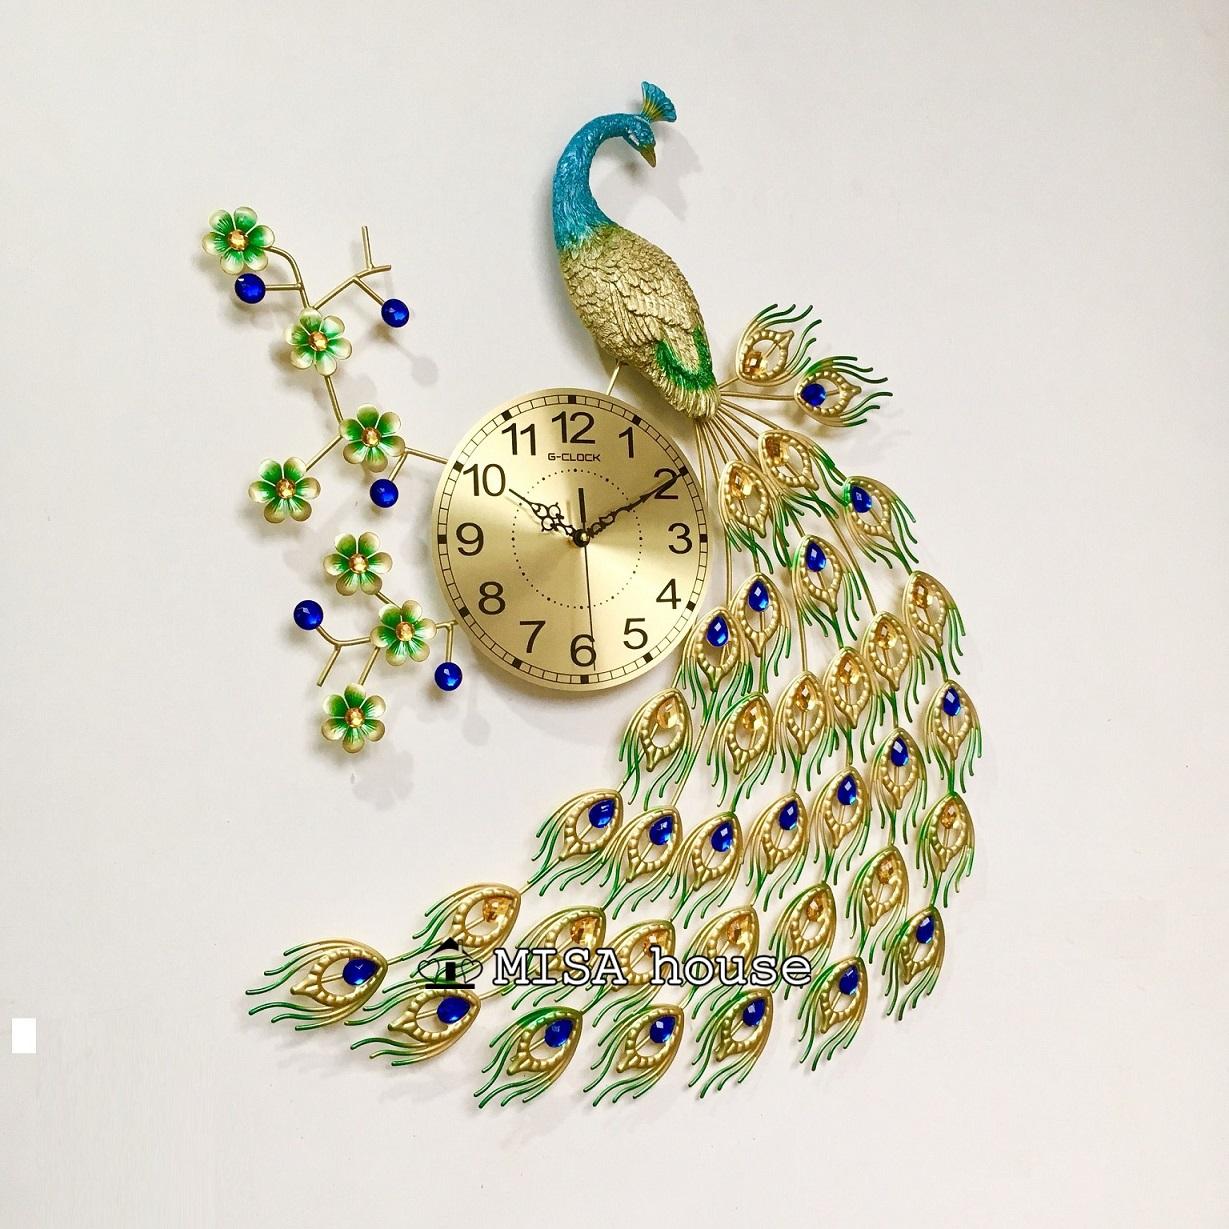 Đồng hồ công hoa xanh đuôi rũ sang trọng cực đẹp – quà tặng tân gia cao cấp